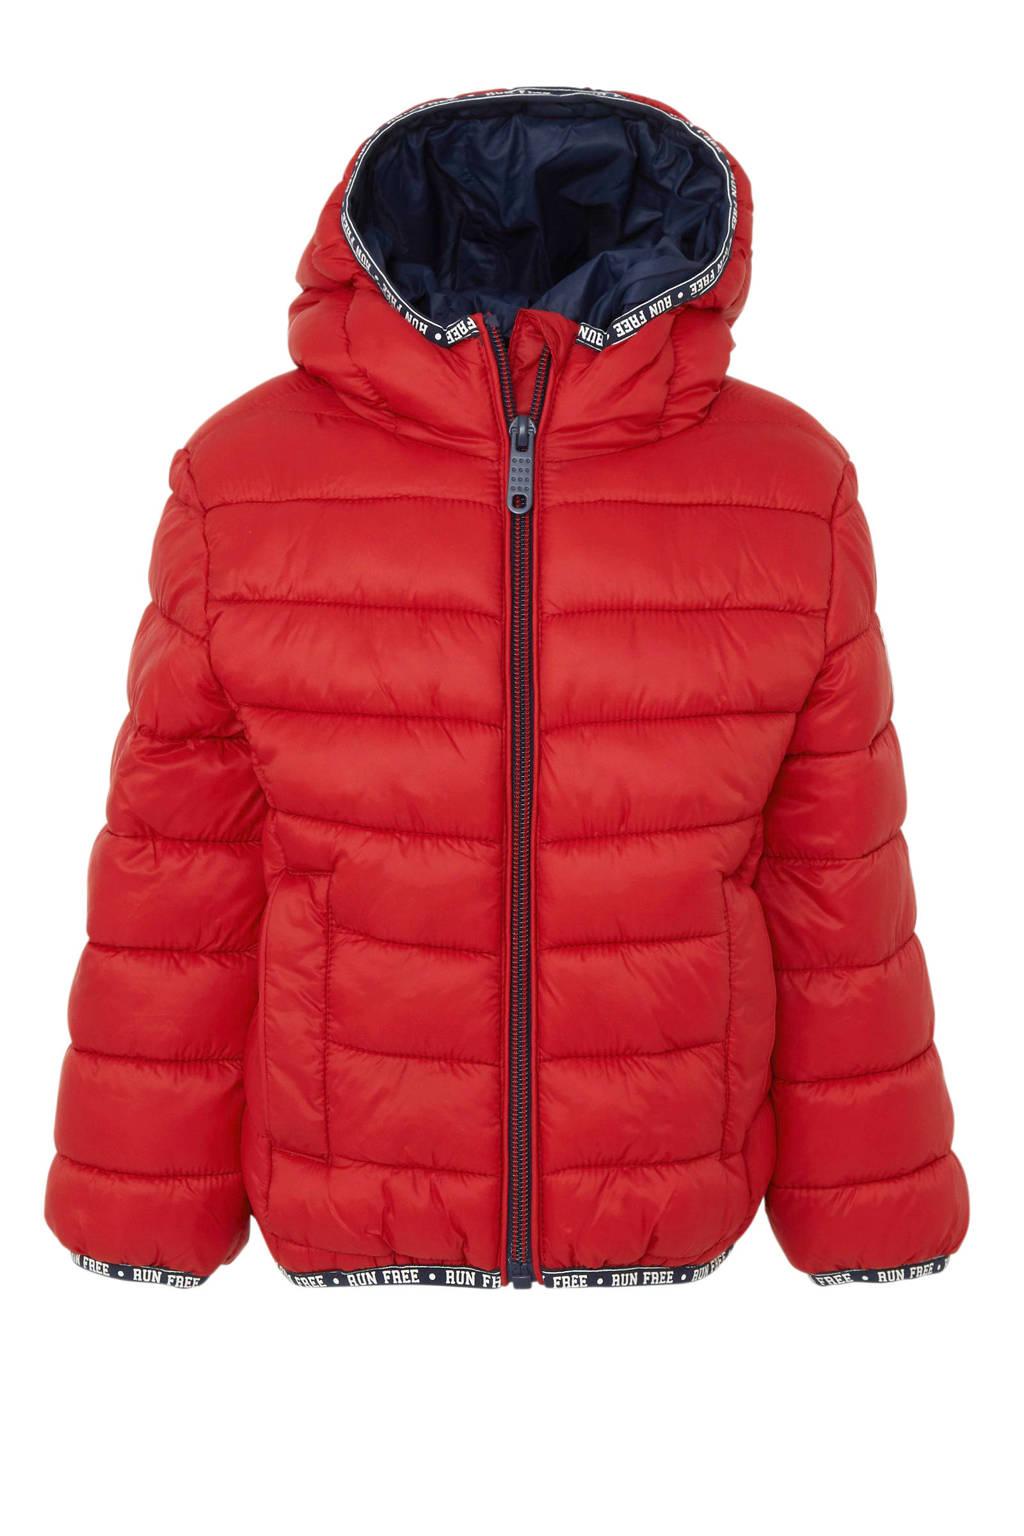 C&A Palomino winterjas met contrastbies en contrastbies rood, Rood